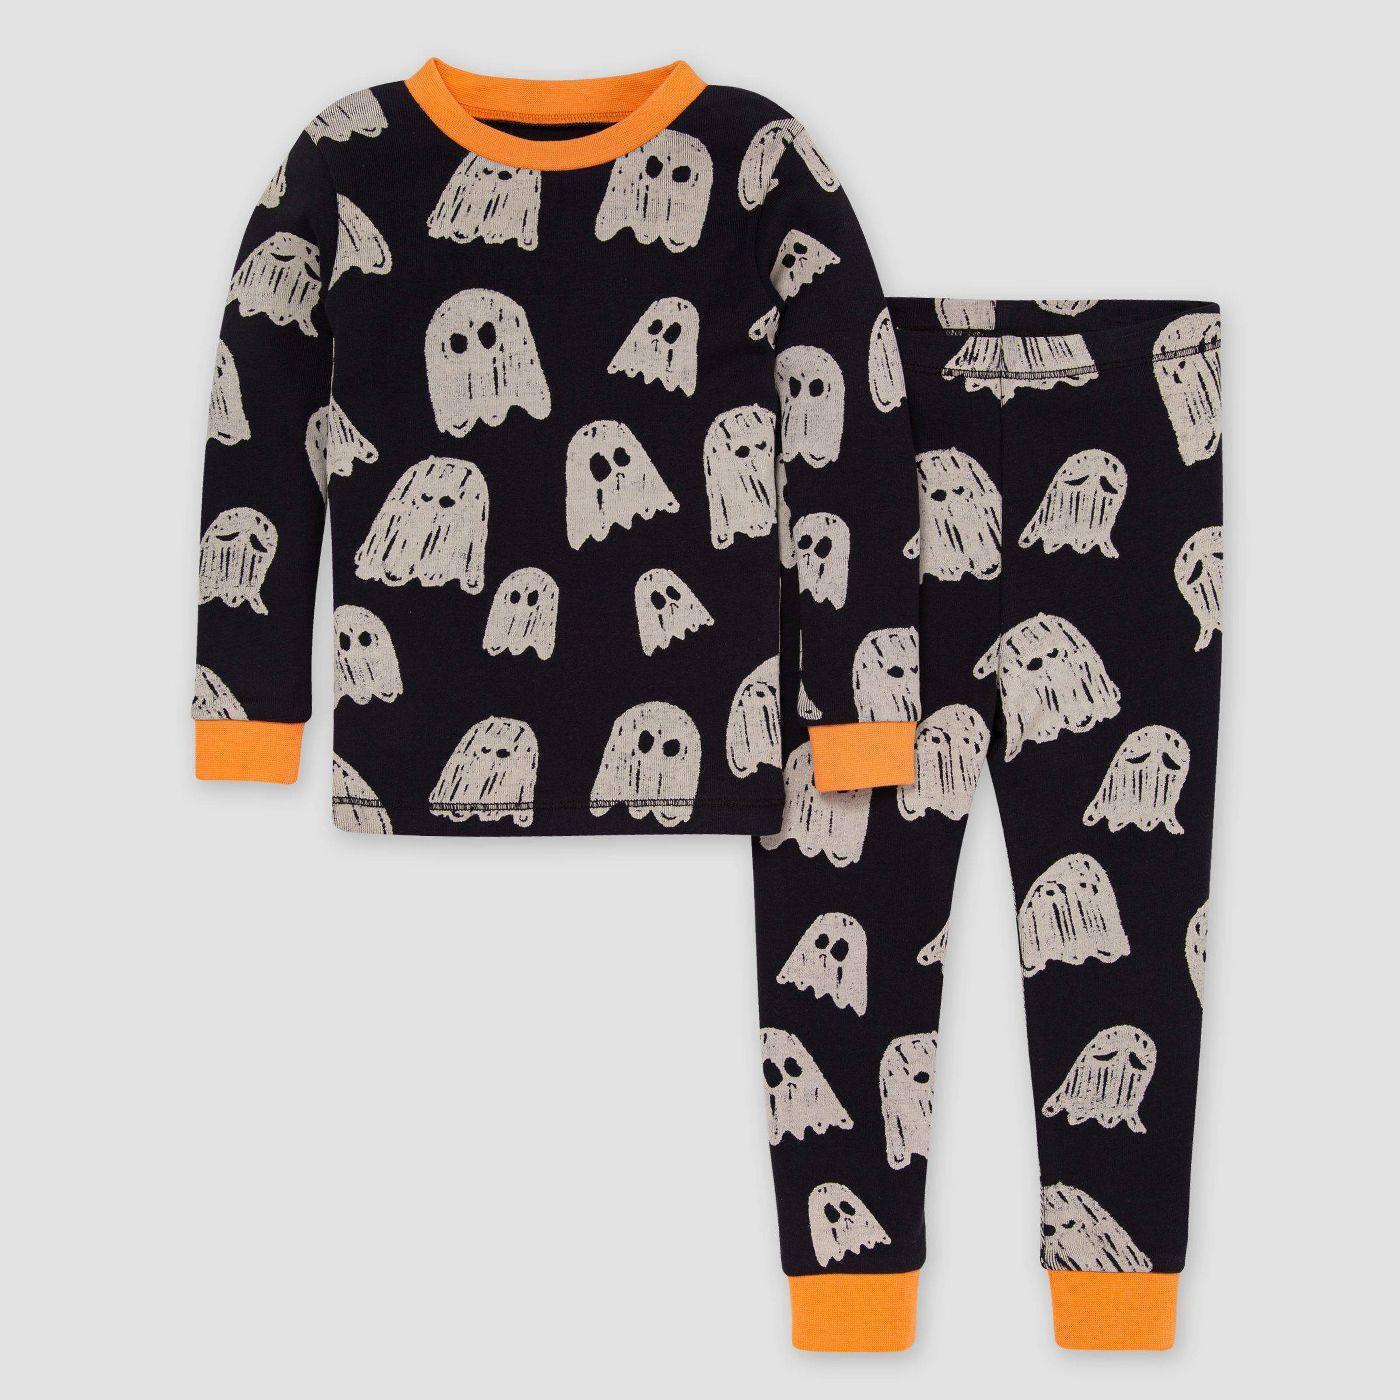 Burt's Bees Baby® Toddler 2pc Gleeful Ghosts Pajama Set - Orange  - image 1 of 3